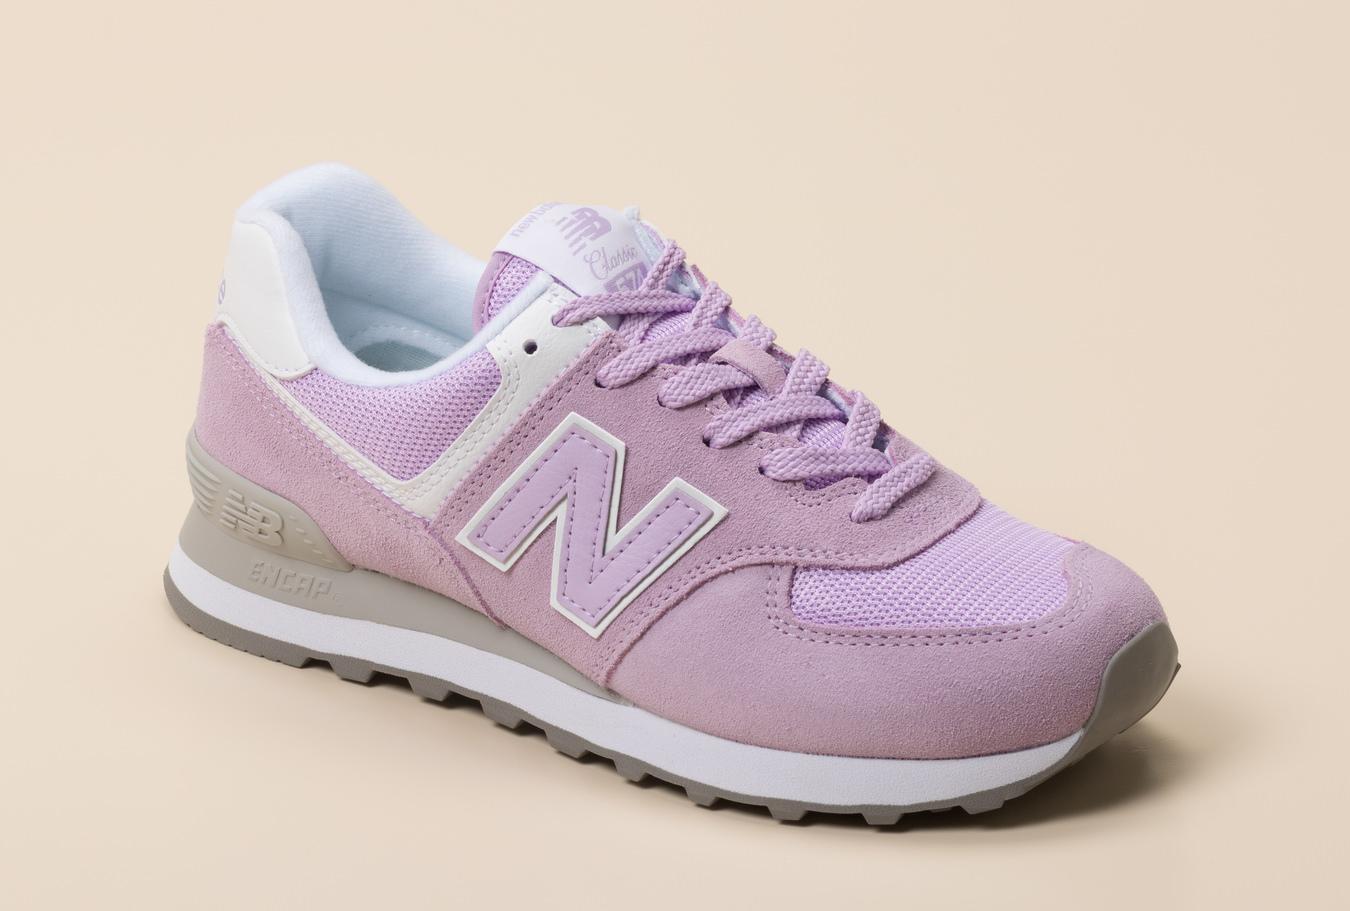 New Balance Damen Sneaker in Pink kaufen | Zumnorde Online-Shop